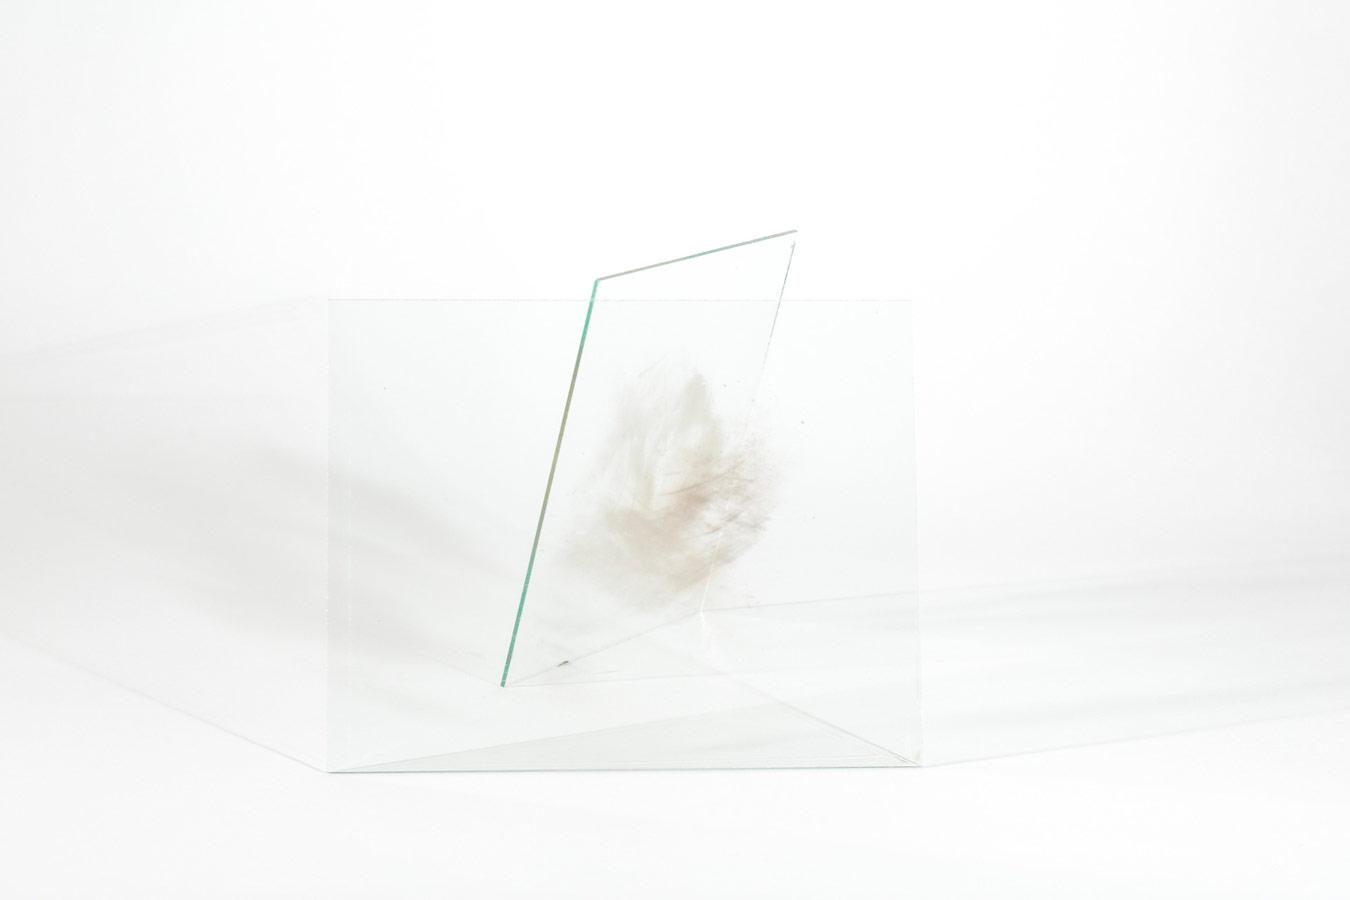 Дыхание и прах, © Кейтлин Дэниелсон, Риджвуд, Нью-Йорк, США, Победитель категории «Абстракция / Смешанная техника», Фотоконкурс PDN Curator Awards